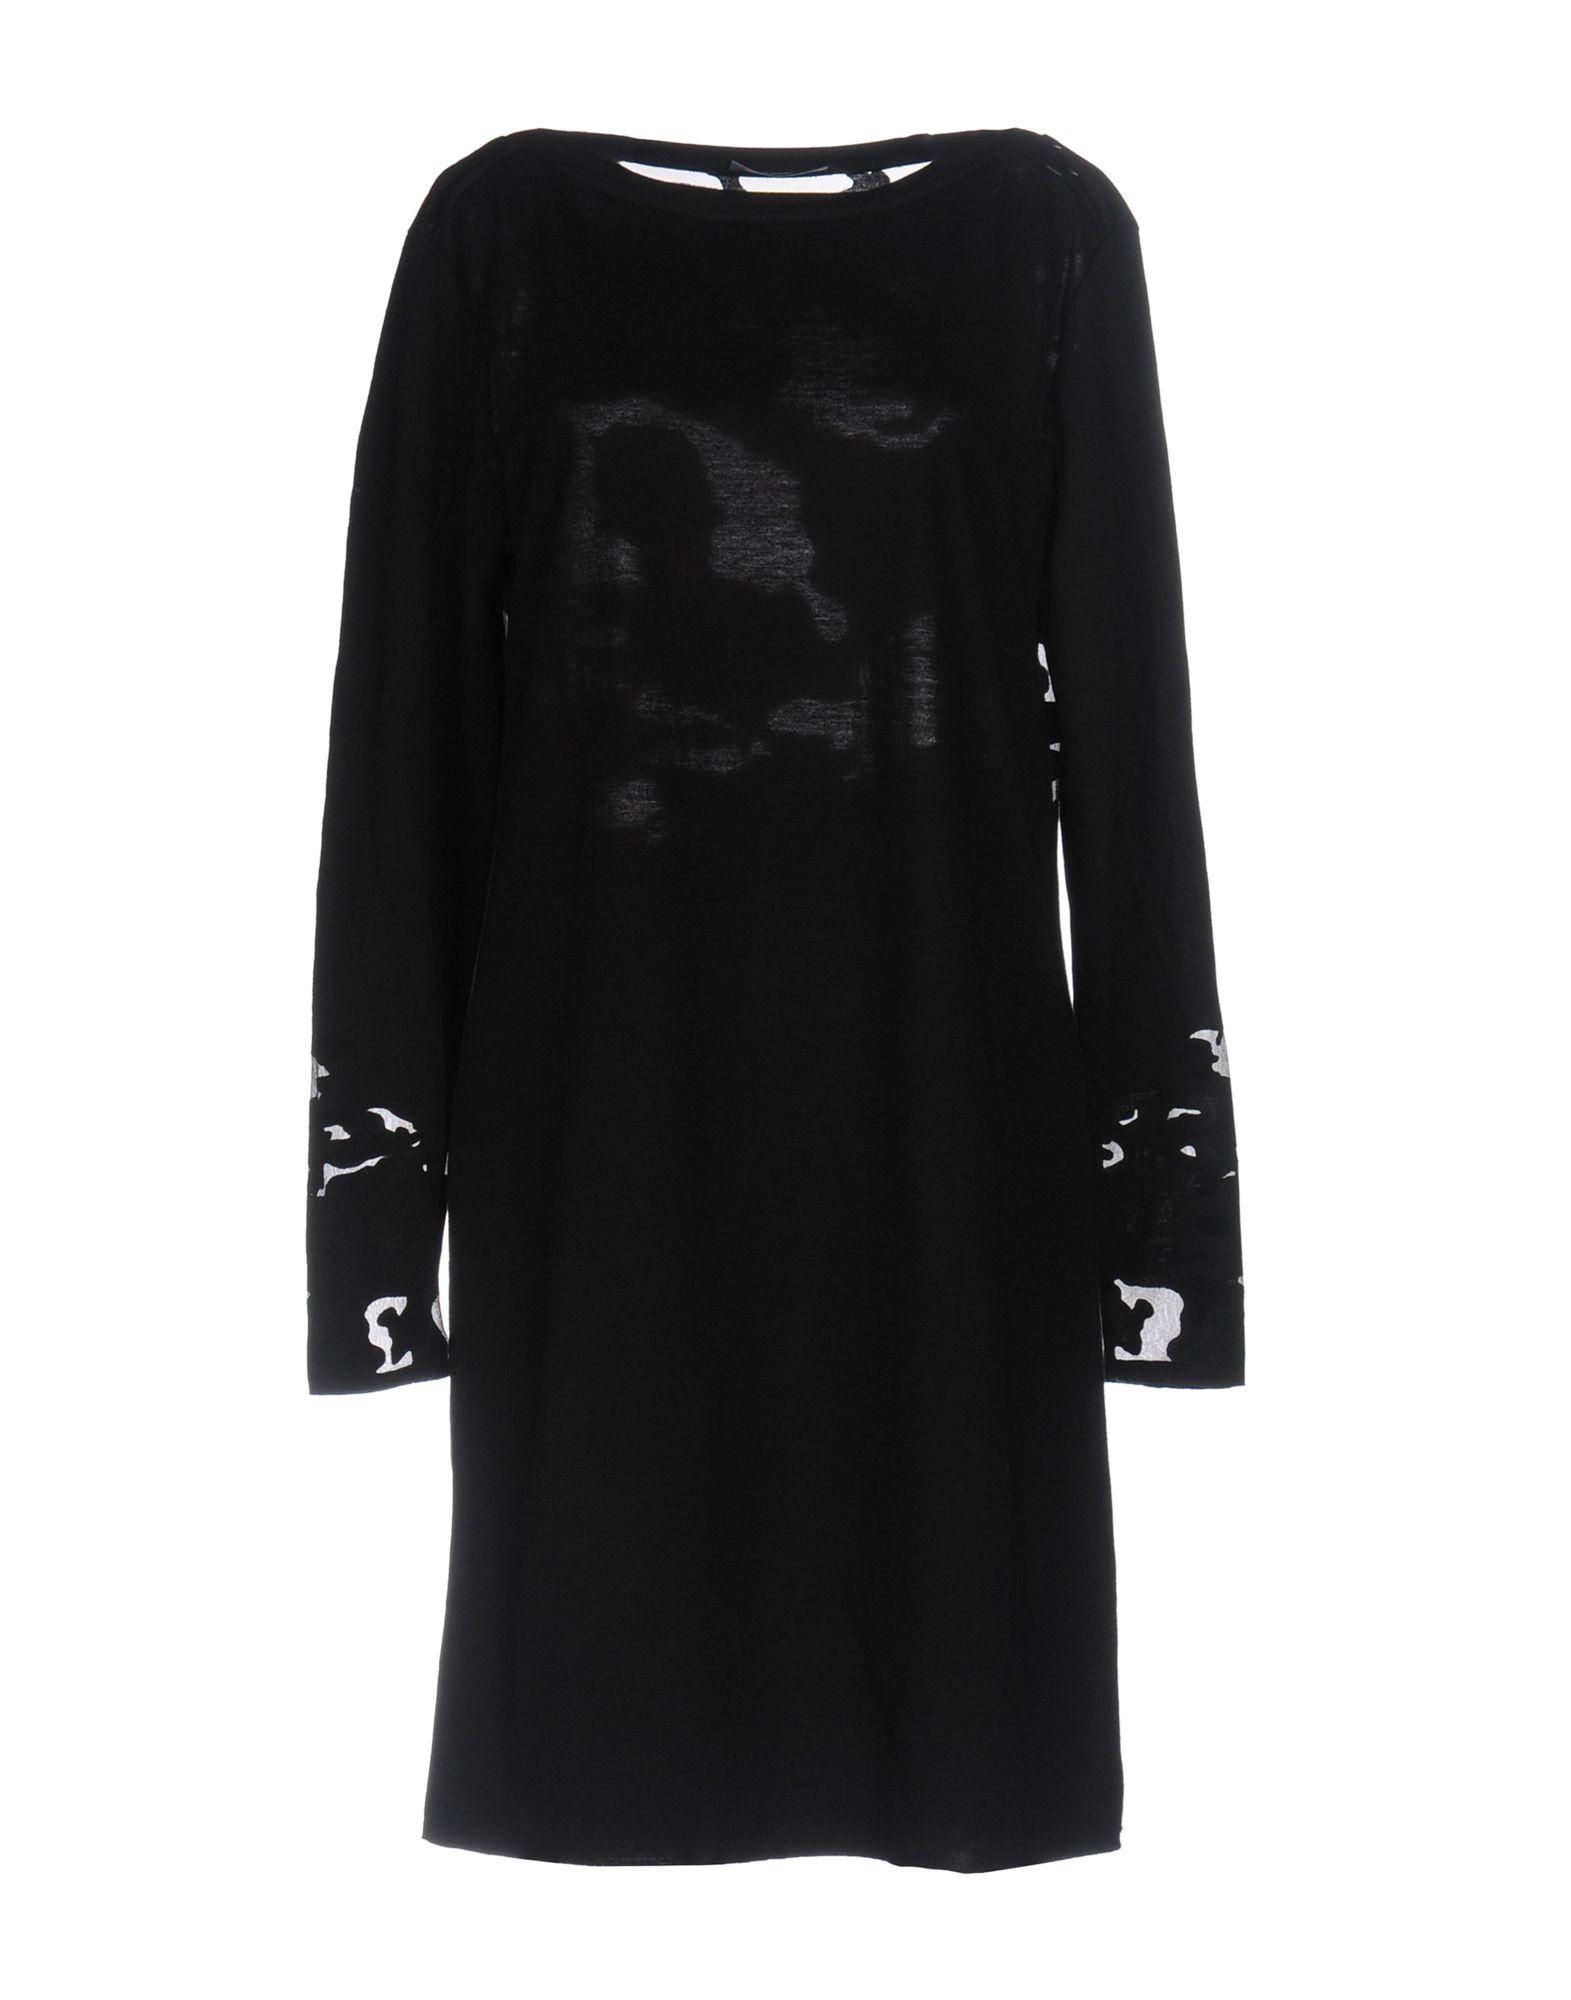 цены на DIESEL Короткое платье в интернет-магазинах